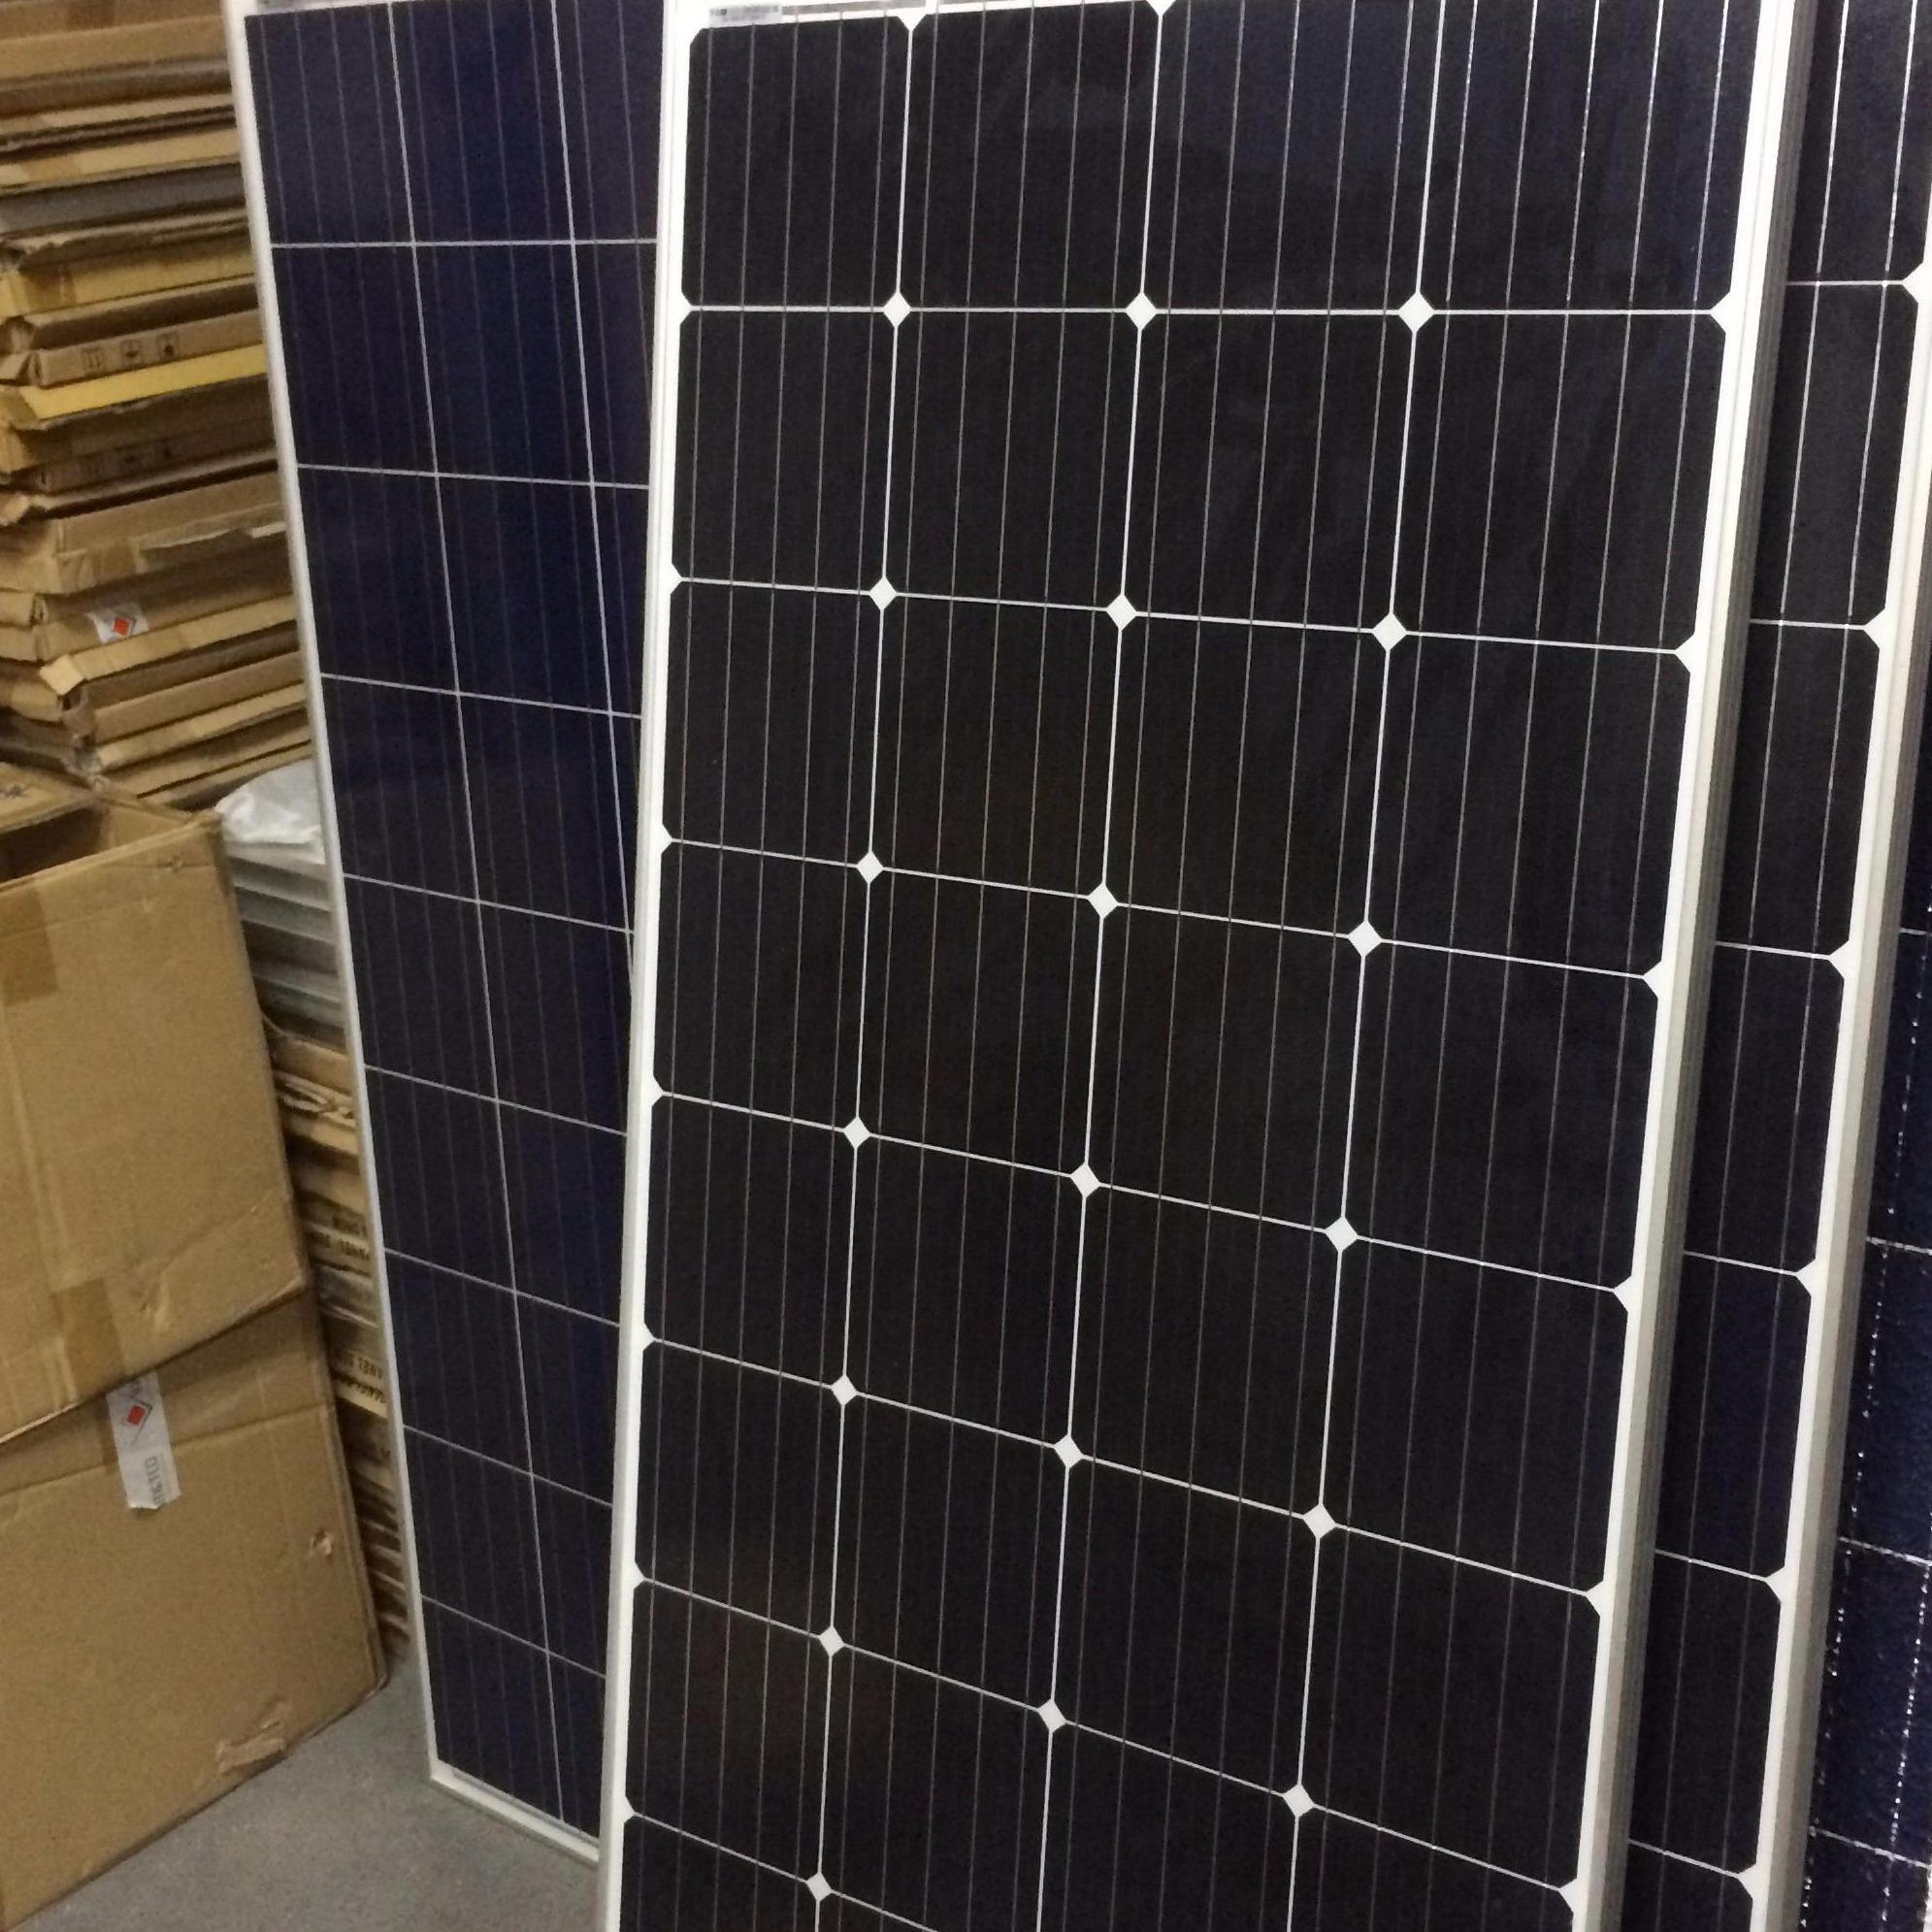 Hình ảnh Tấm pin năng lương mặt trời